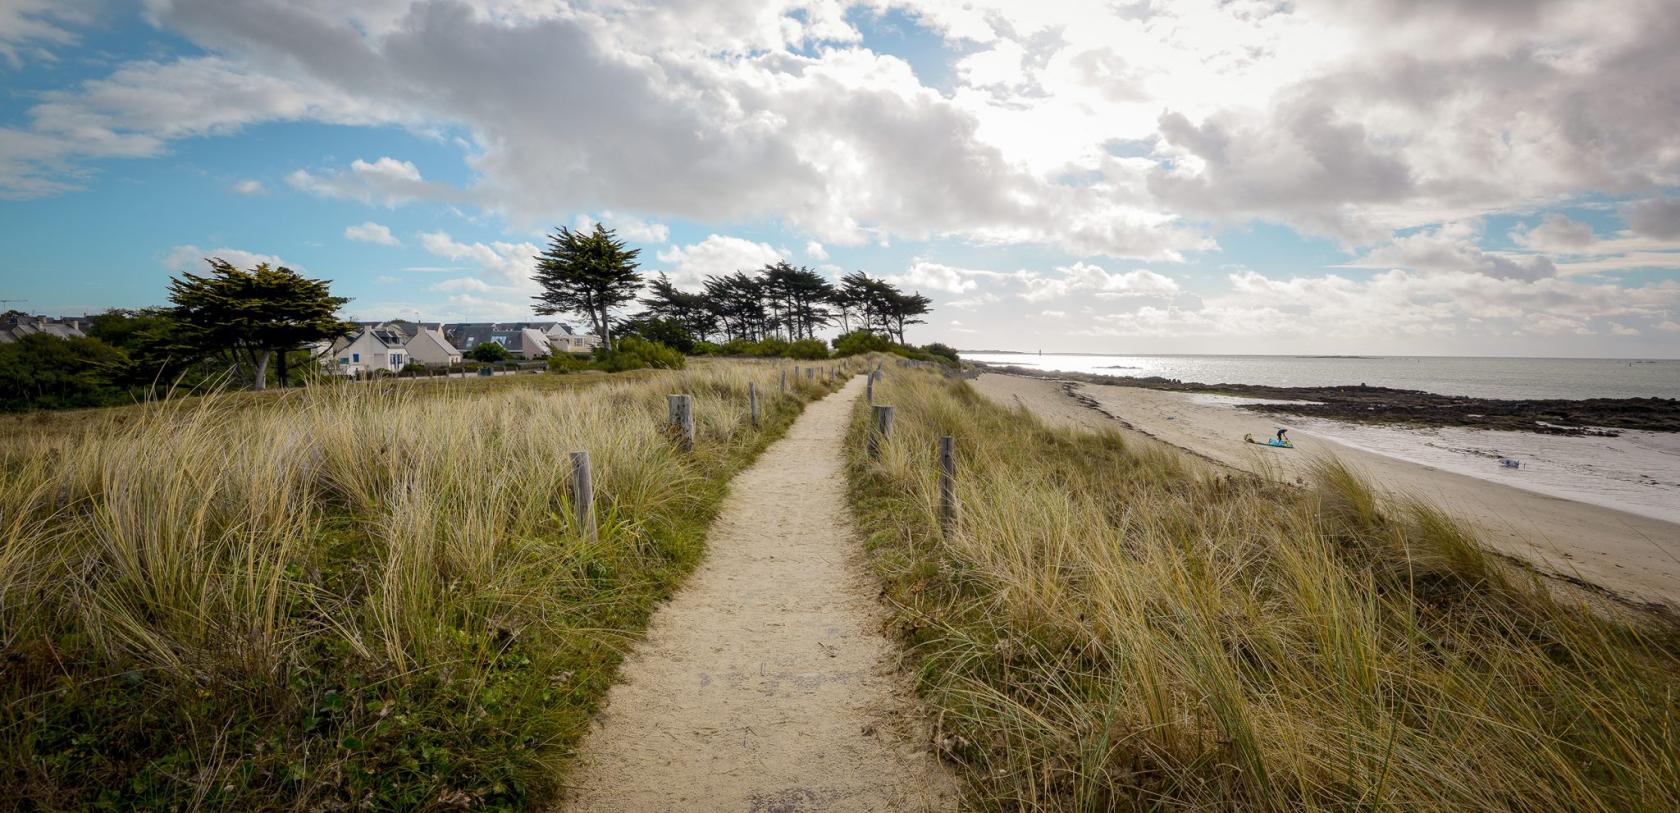 Chemin sur la dune, plage de Kerguelen à Larmor-Plage